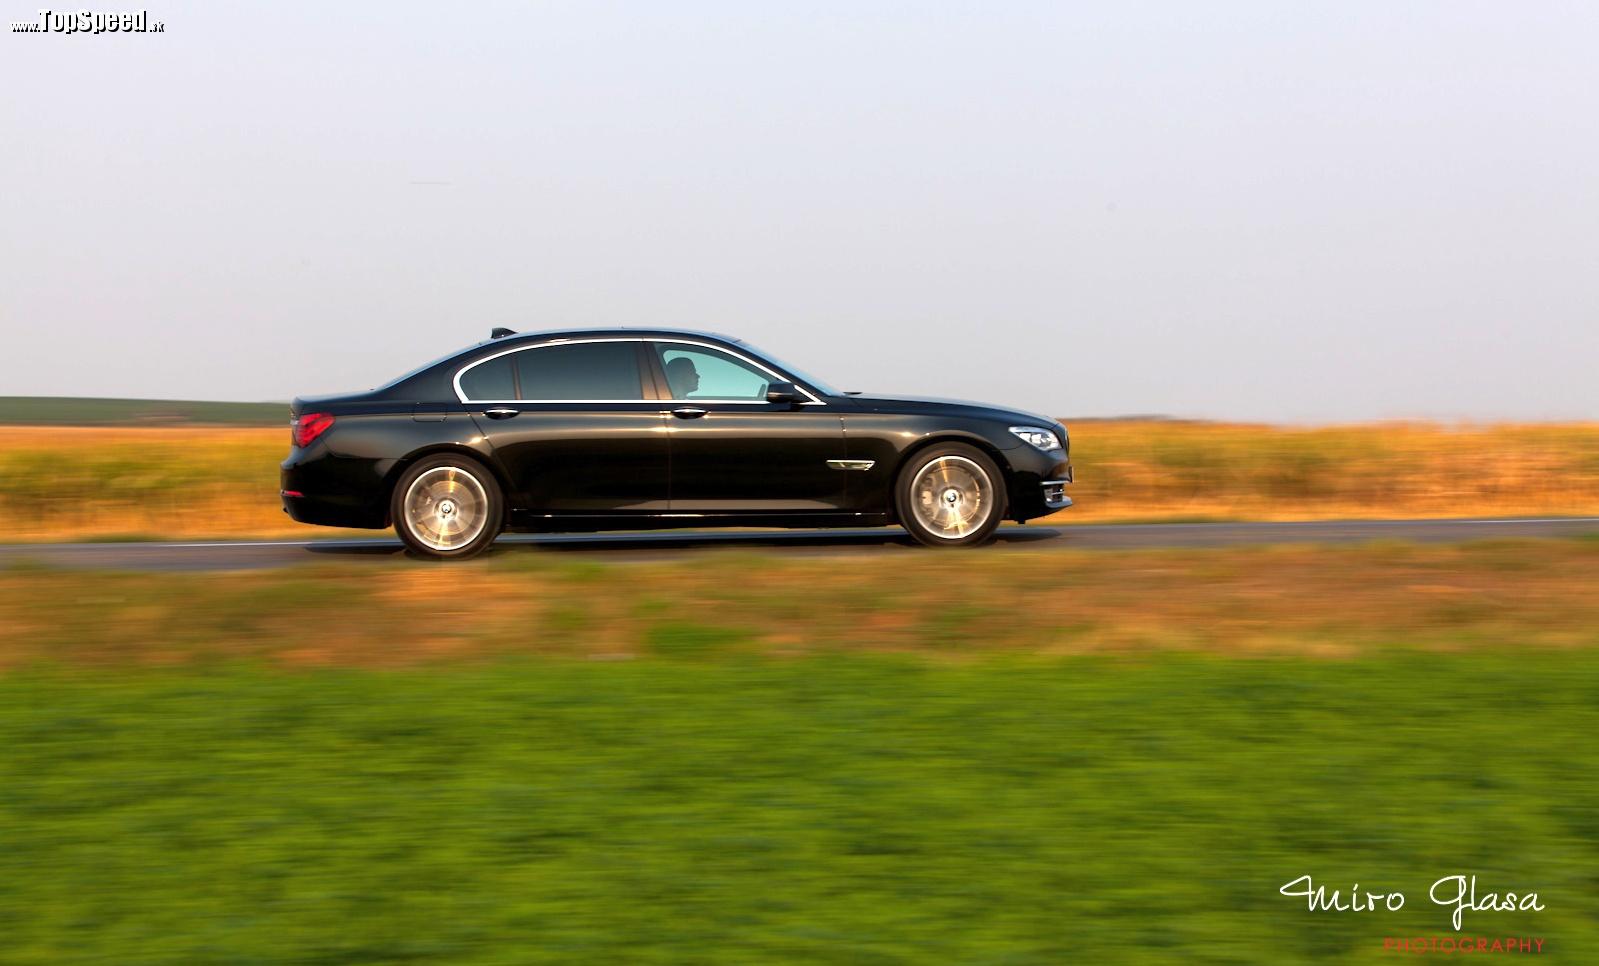 Majestátne a veľké, presne také je L od BMW